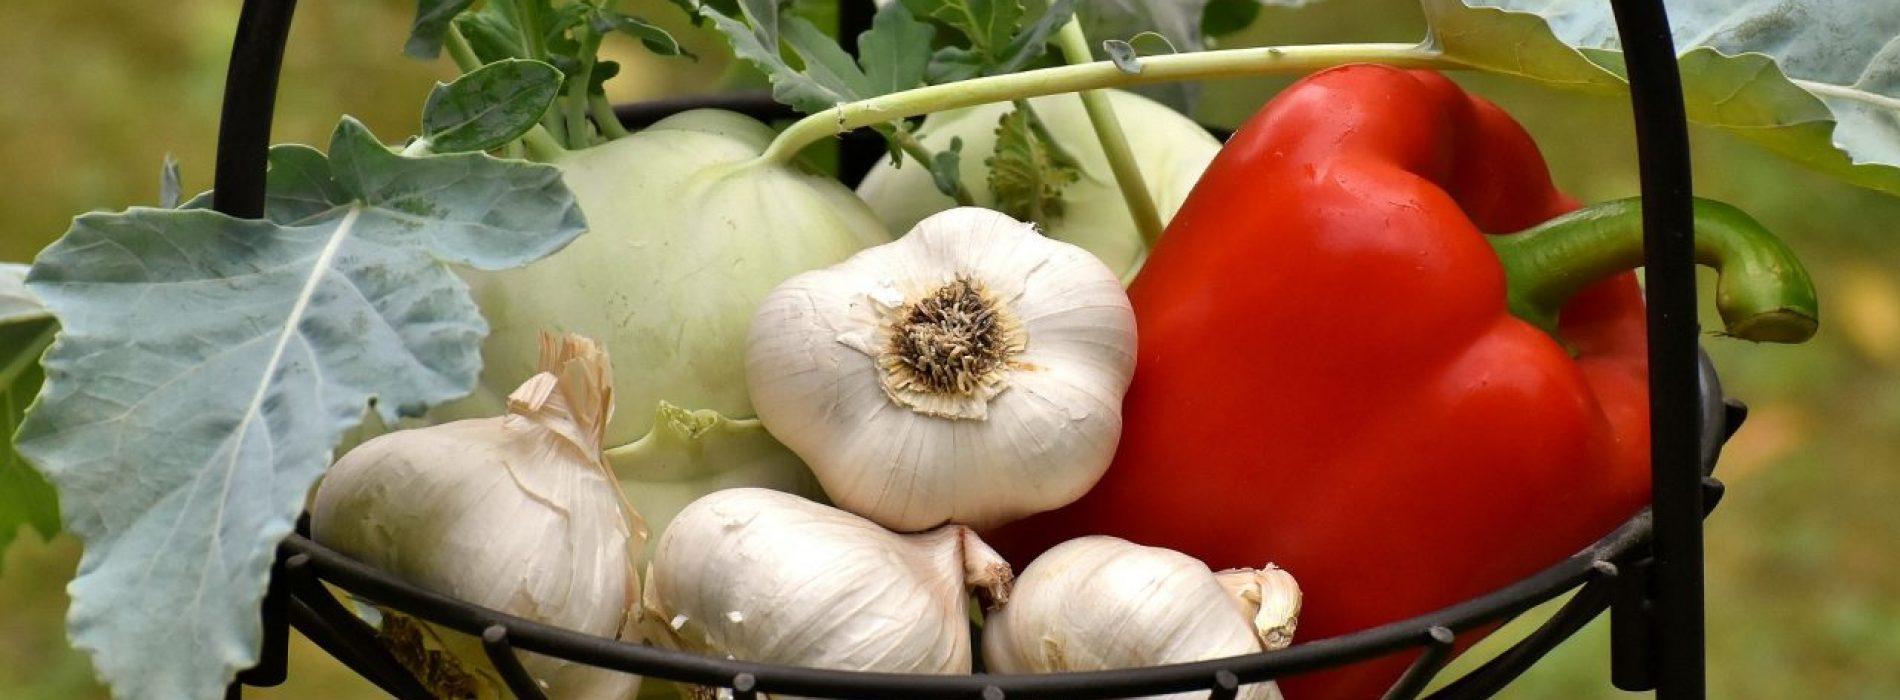 7 gezondheidsvoordelen van knoflook voor je op een rij